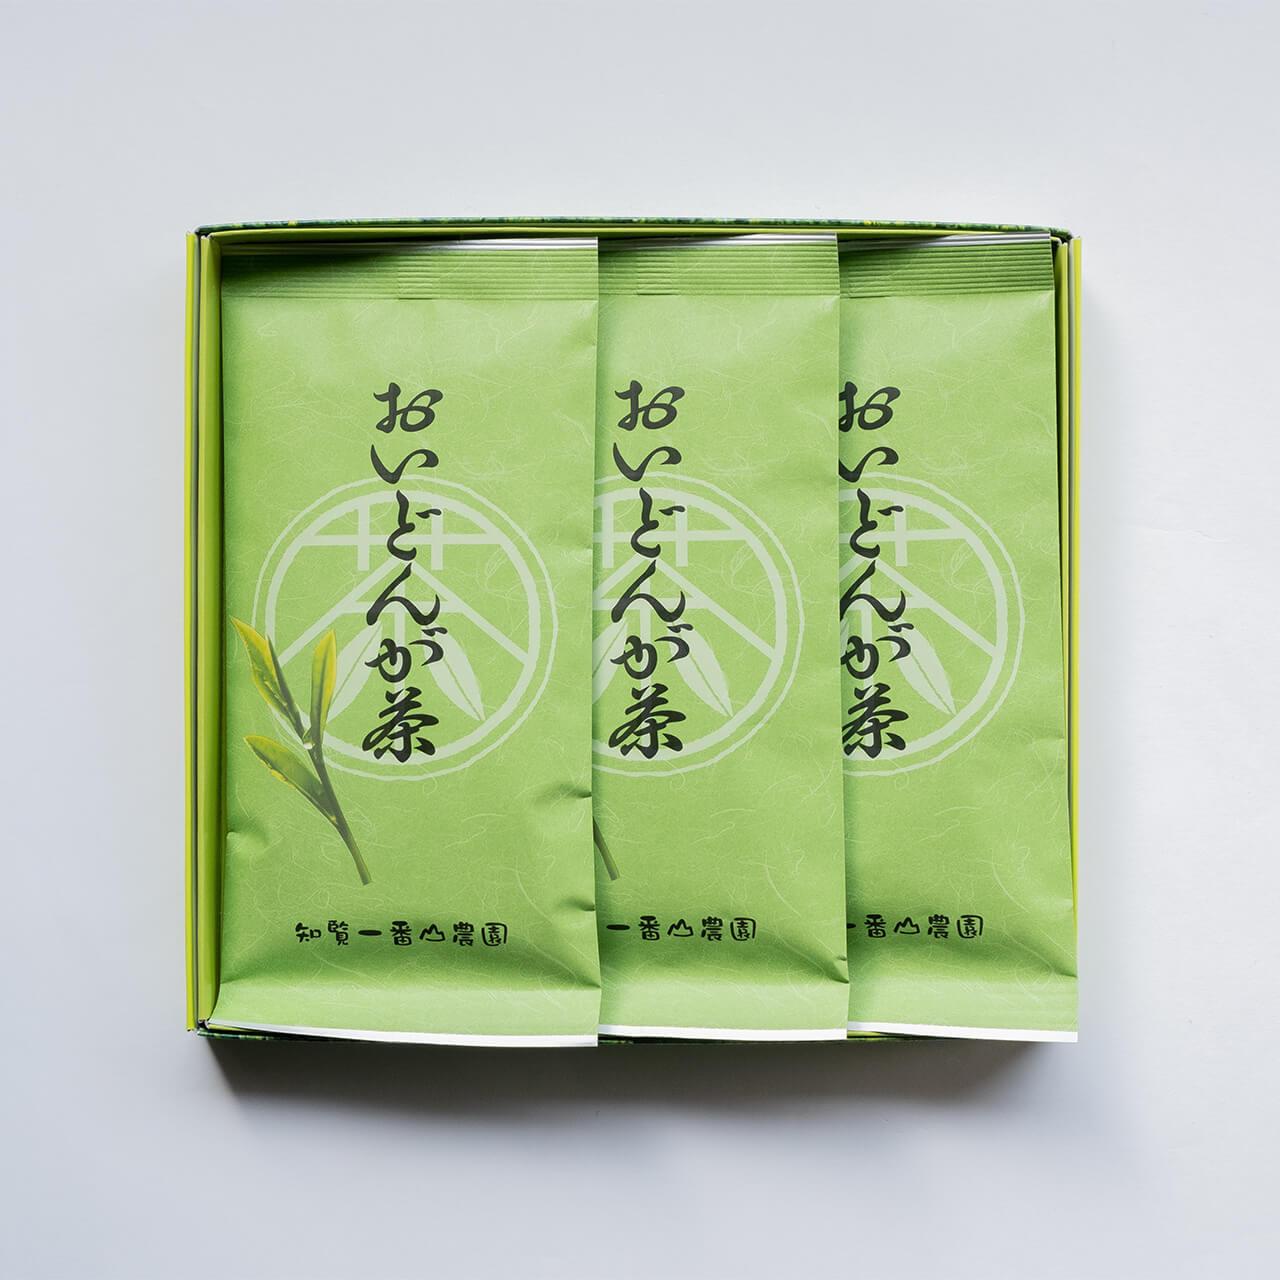 おいどんが茶【平箱入り・100g×3本】